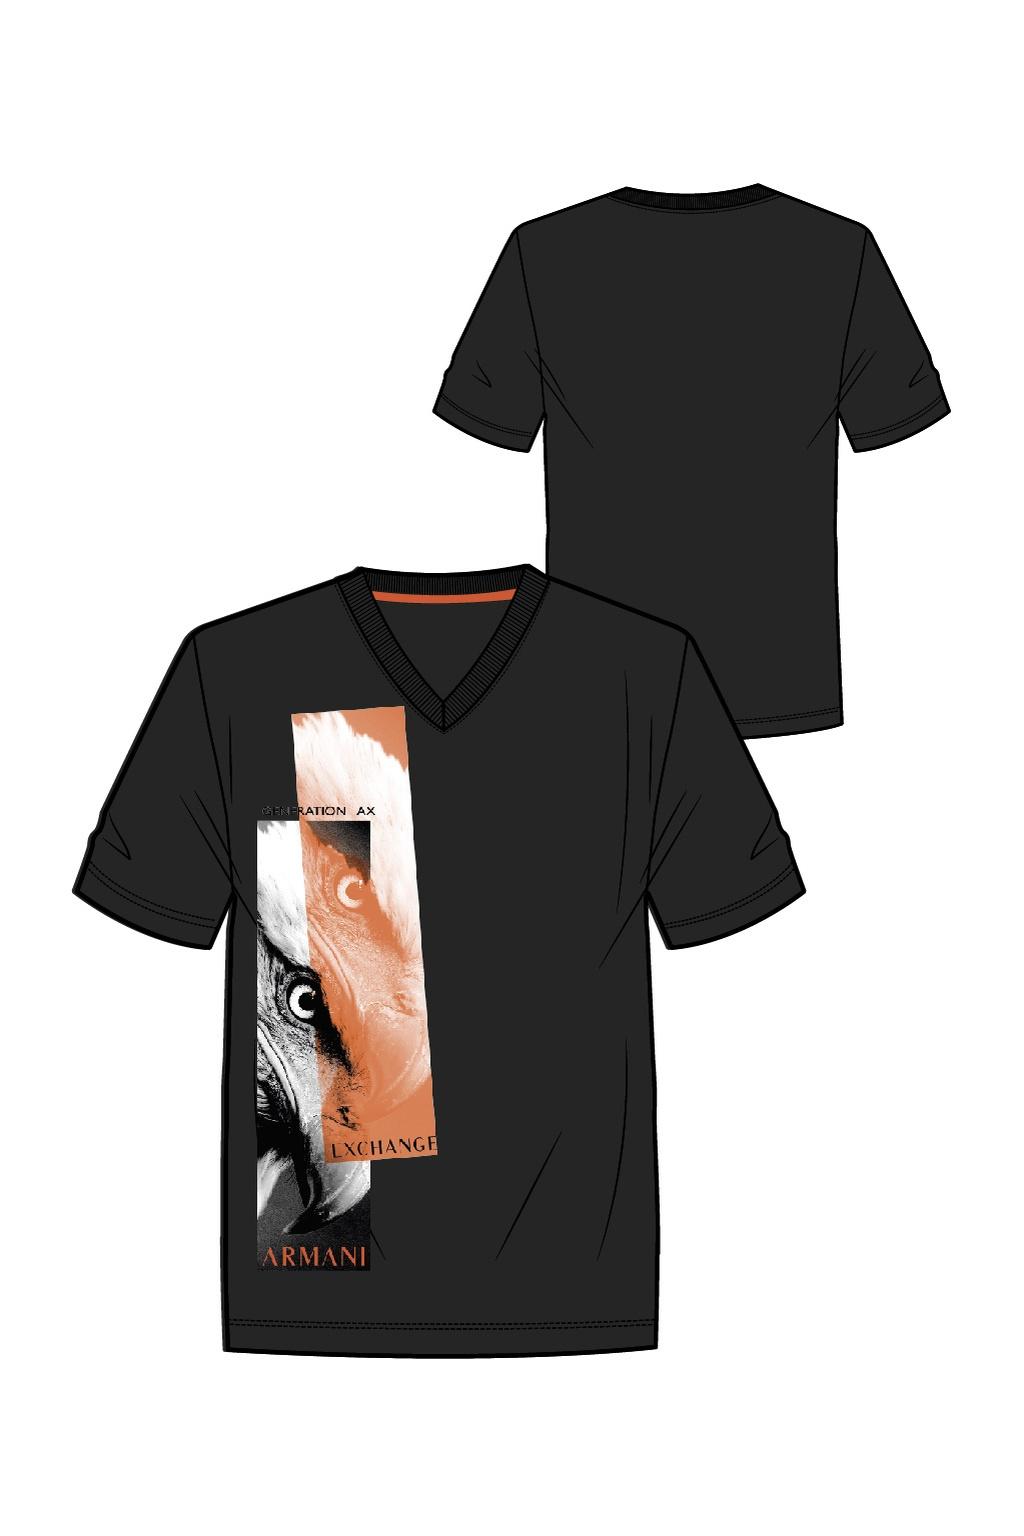 T-shirt manica corta uomo collo v stampa aquila ARMANI EXCHANGE